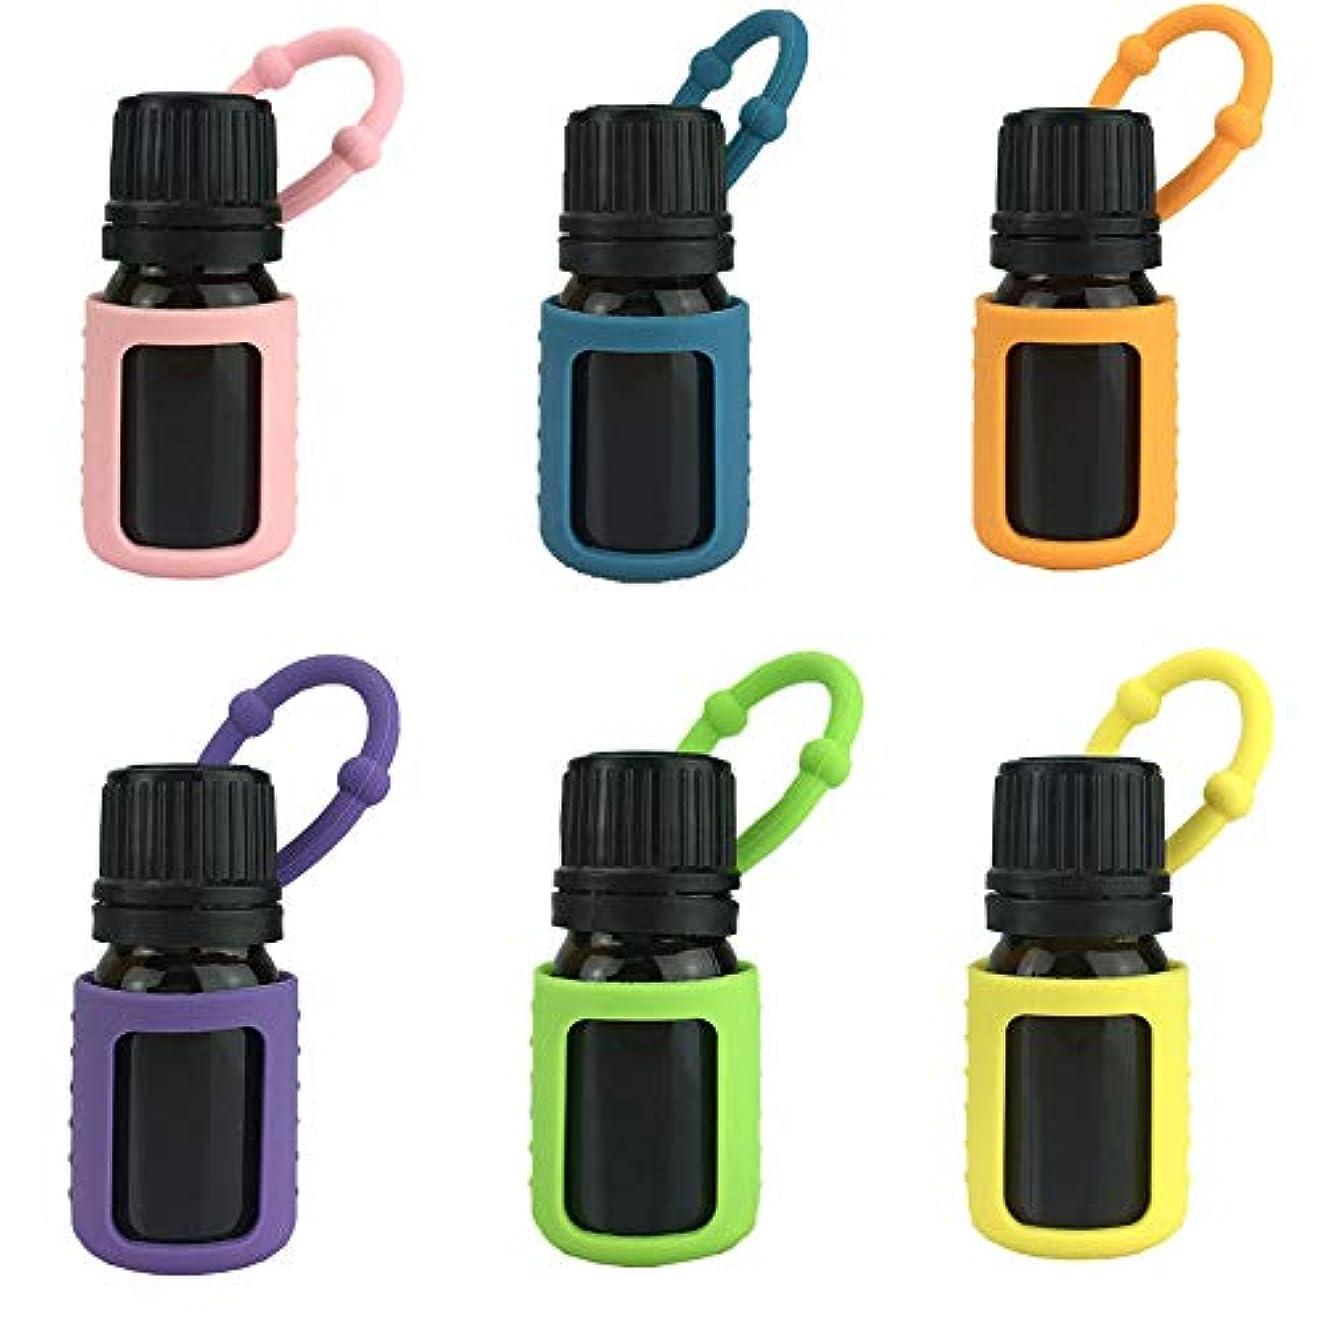 スーダン富忌まわしい6パック熱望オイルボトルシリコンローラーボトルホルダースリーブエッセンシャルオイルボトル保護カバーケースハングロープ - 色込 - 6-pcs 5ml